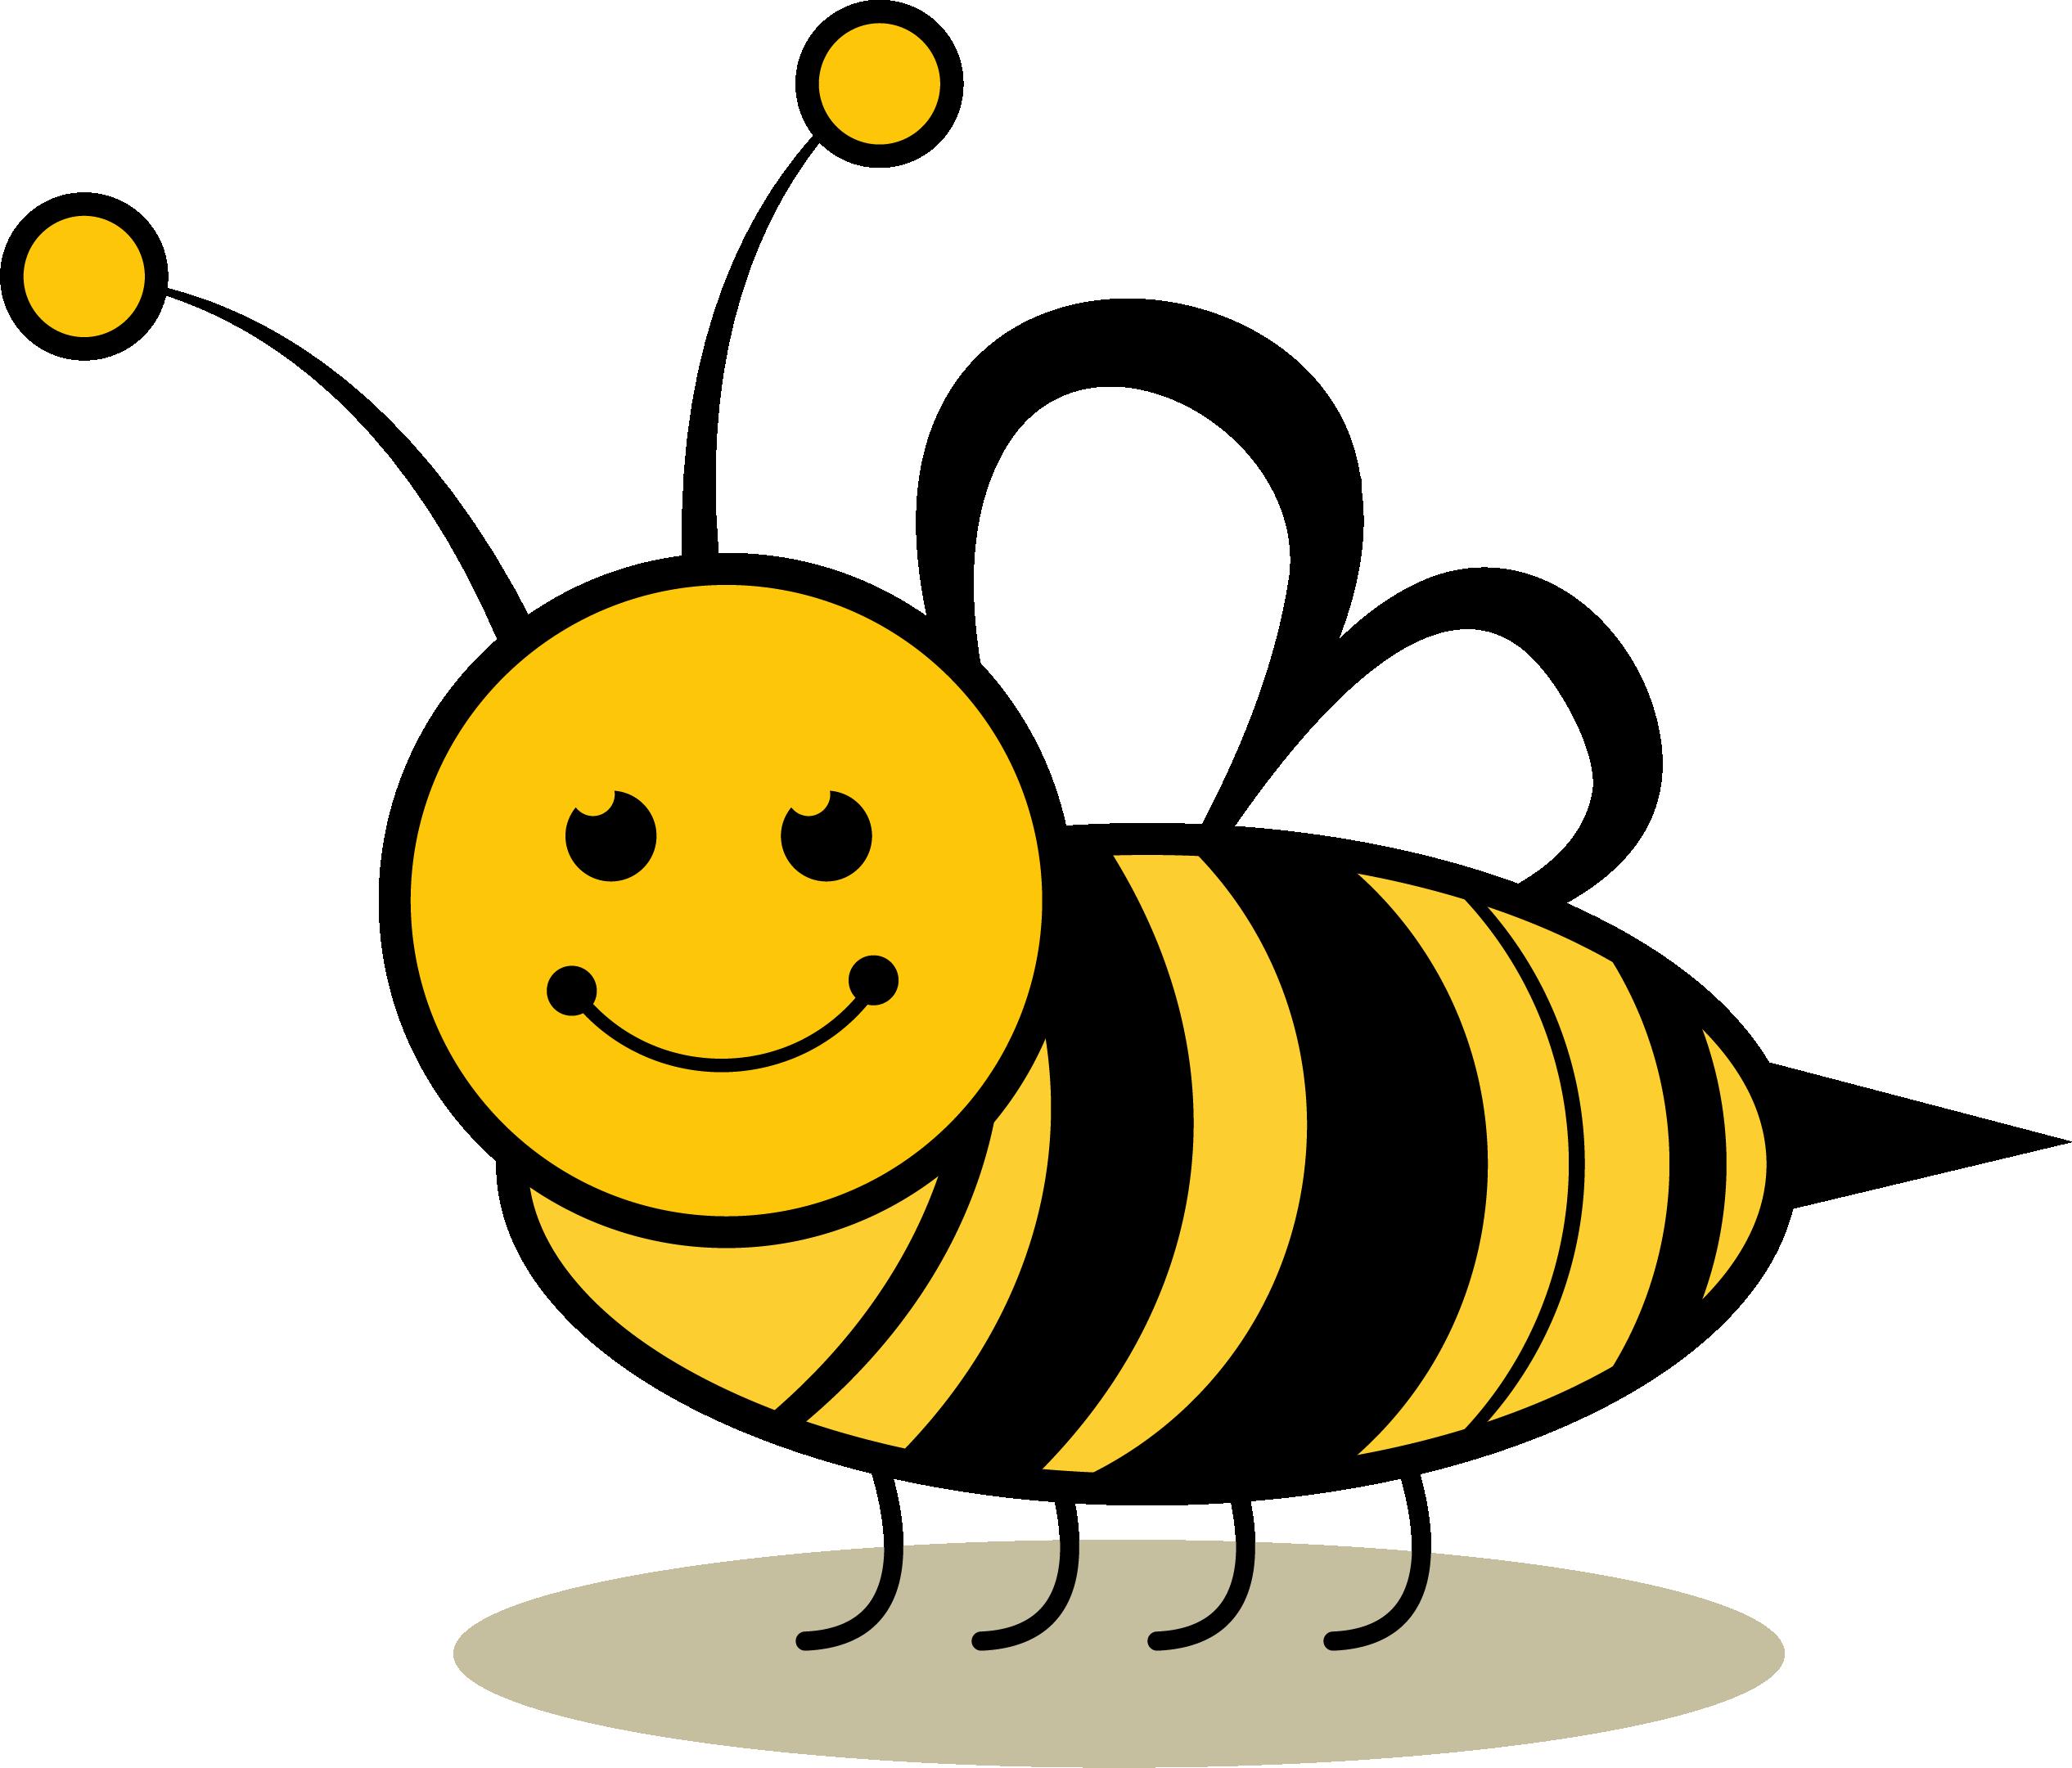 Пчелка картинки для детей нарисованные, днем